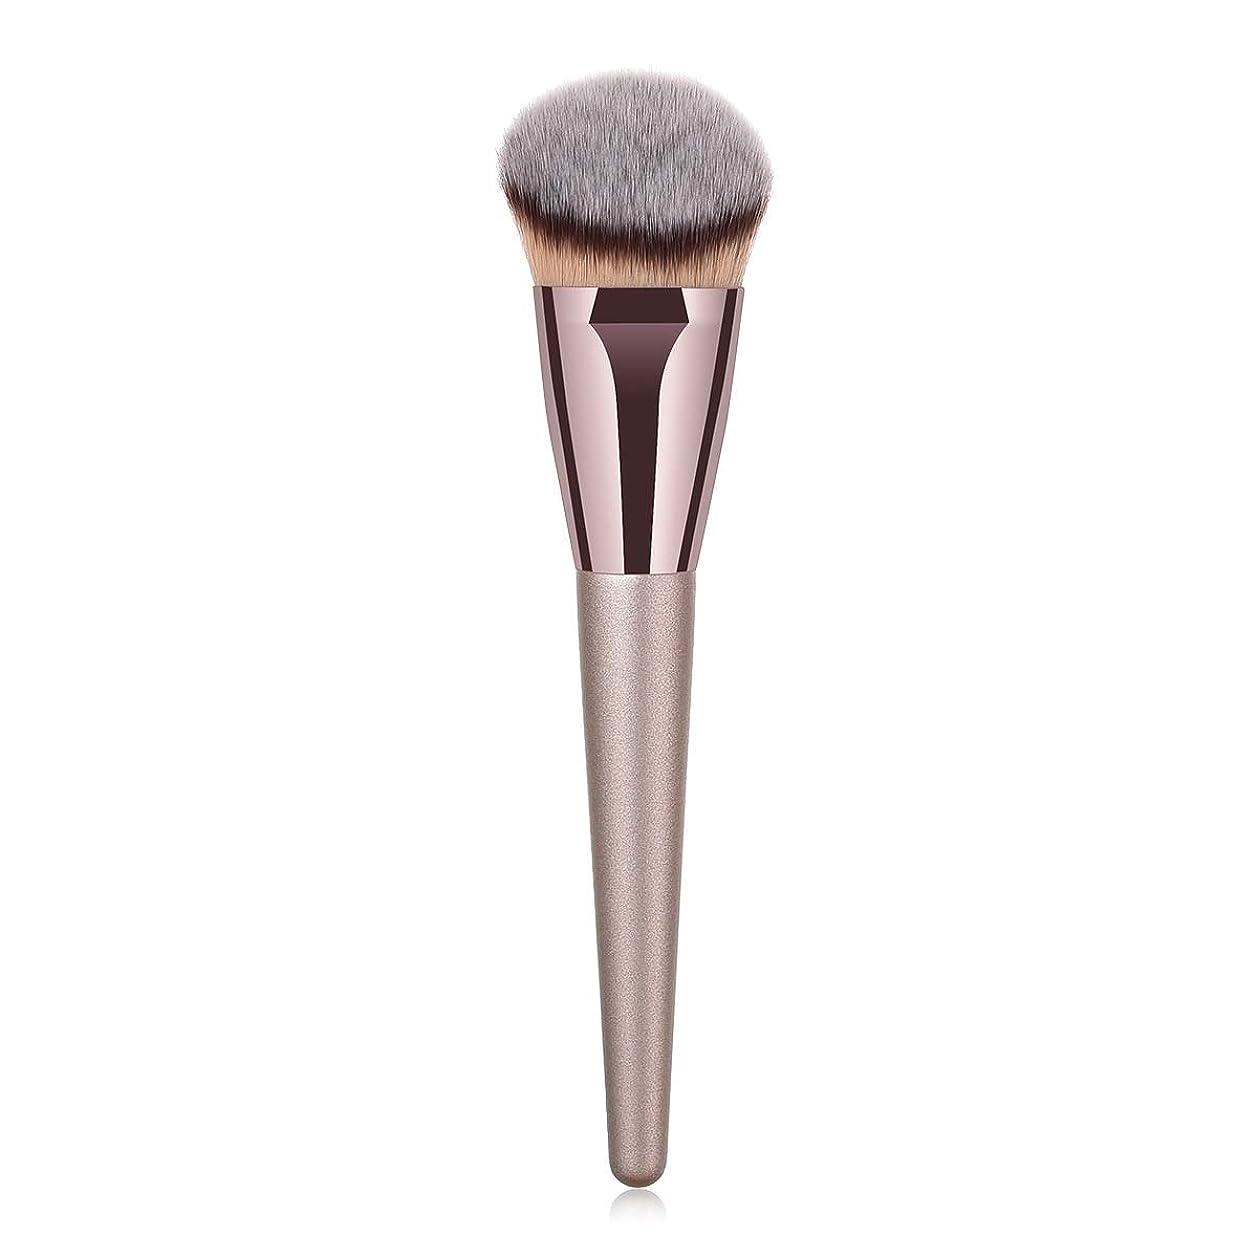 罪交通浜辺Makeup brushes 持ち運びに便利、歌舞伎化粧ブラシ用パウダーブラッシュパウダーフルイド化粧品美容ツールCanonicalシングルブラシ suits (Color : Gray)